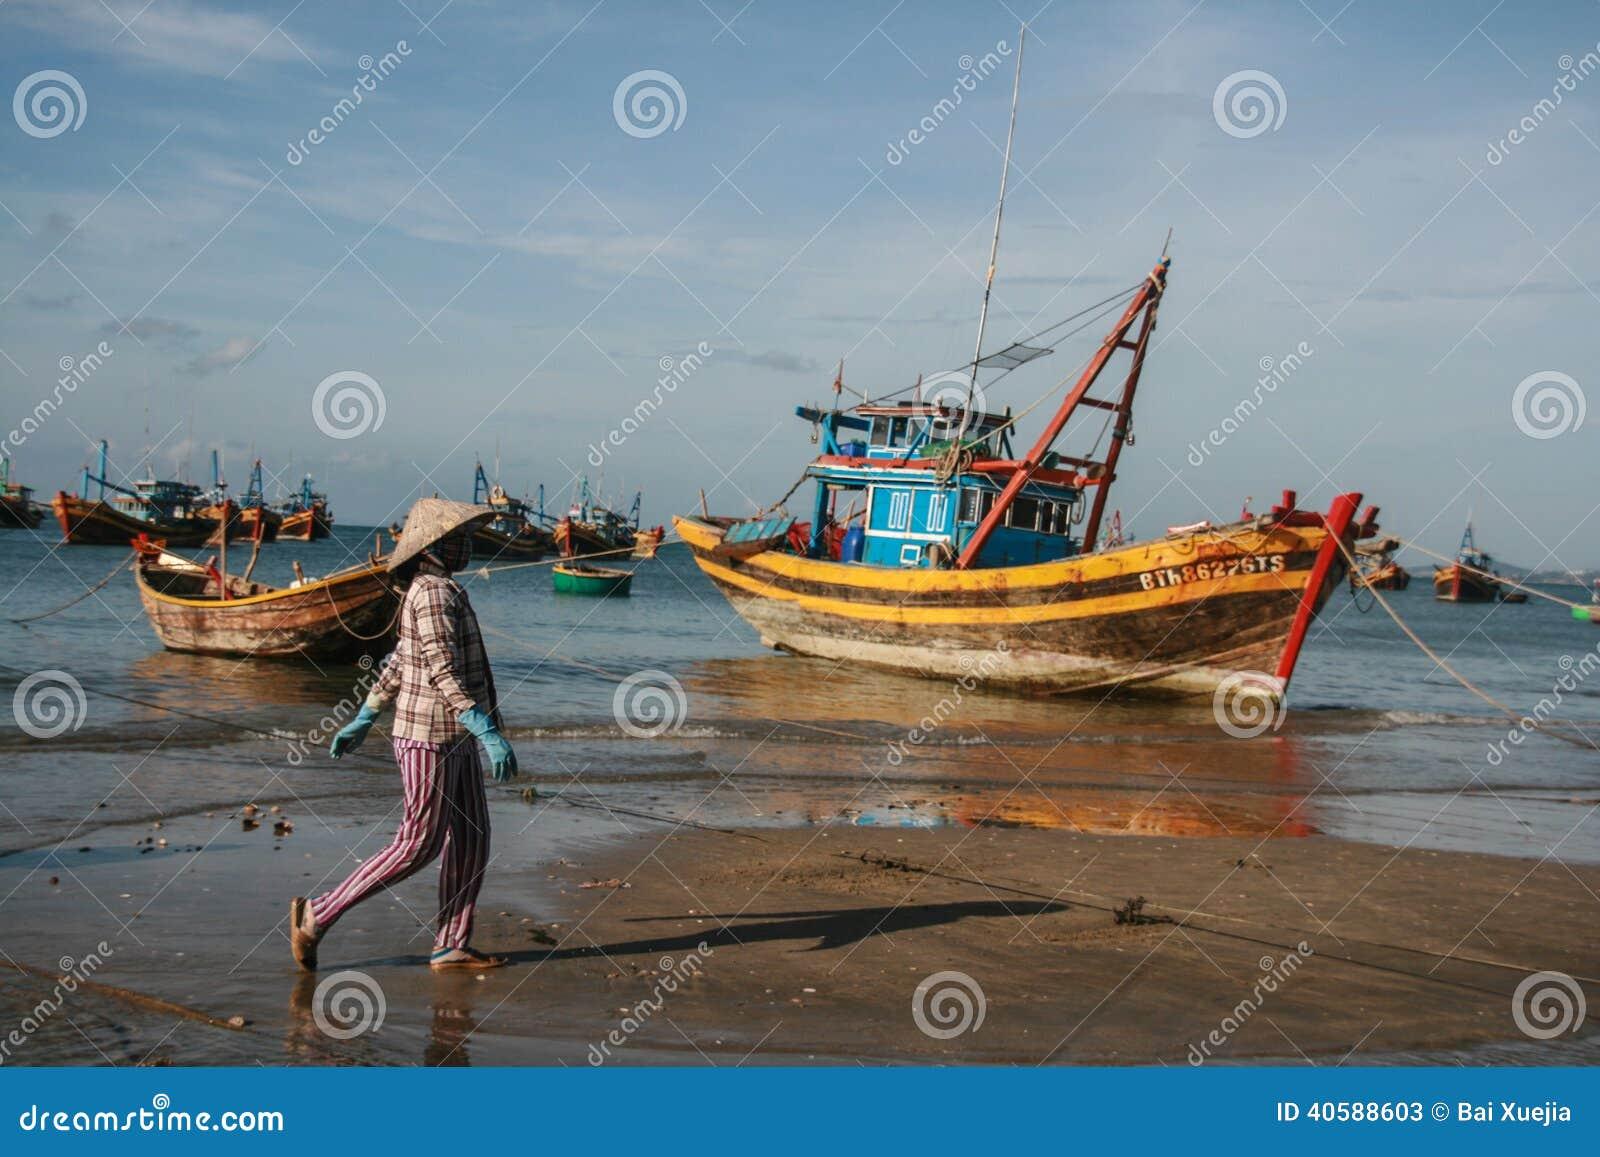 Рыбацкие лодки в море в Вьетнаме